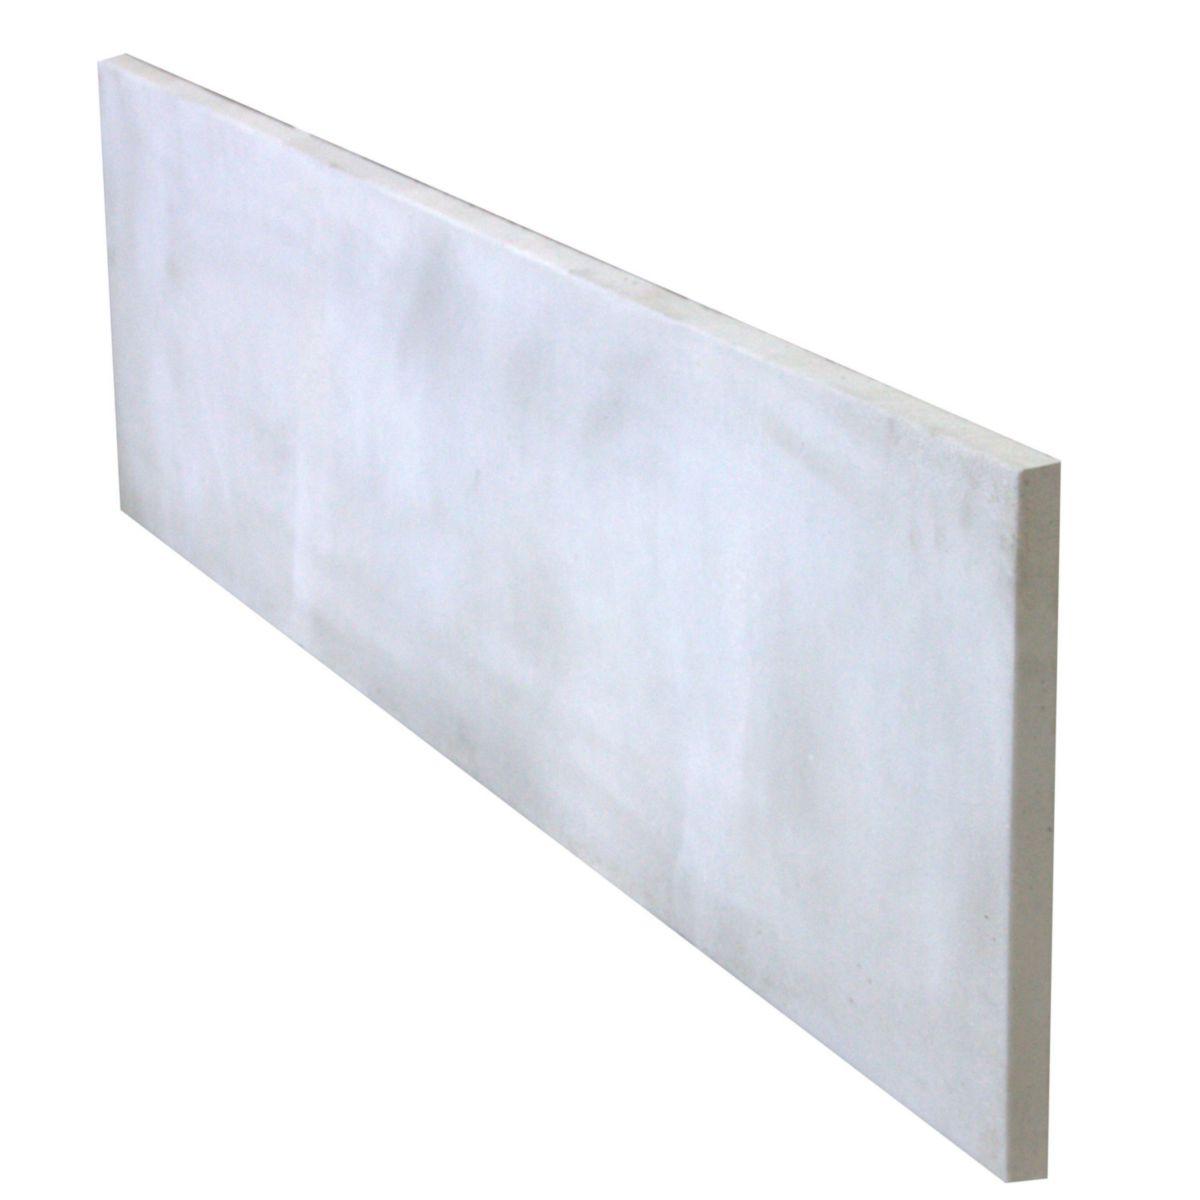 Alkern Plaque De Cloture Pleine Beton Arme 192x50x3 5 Cm Point P